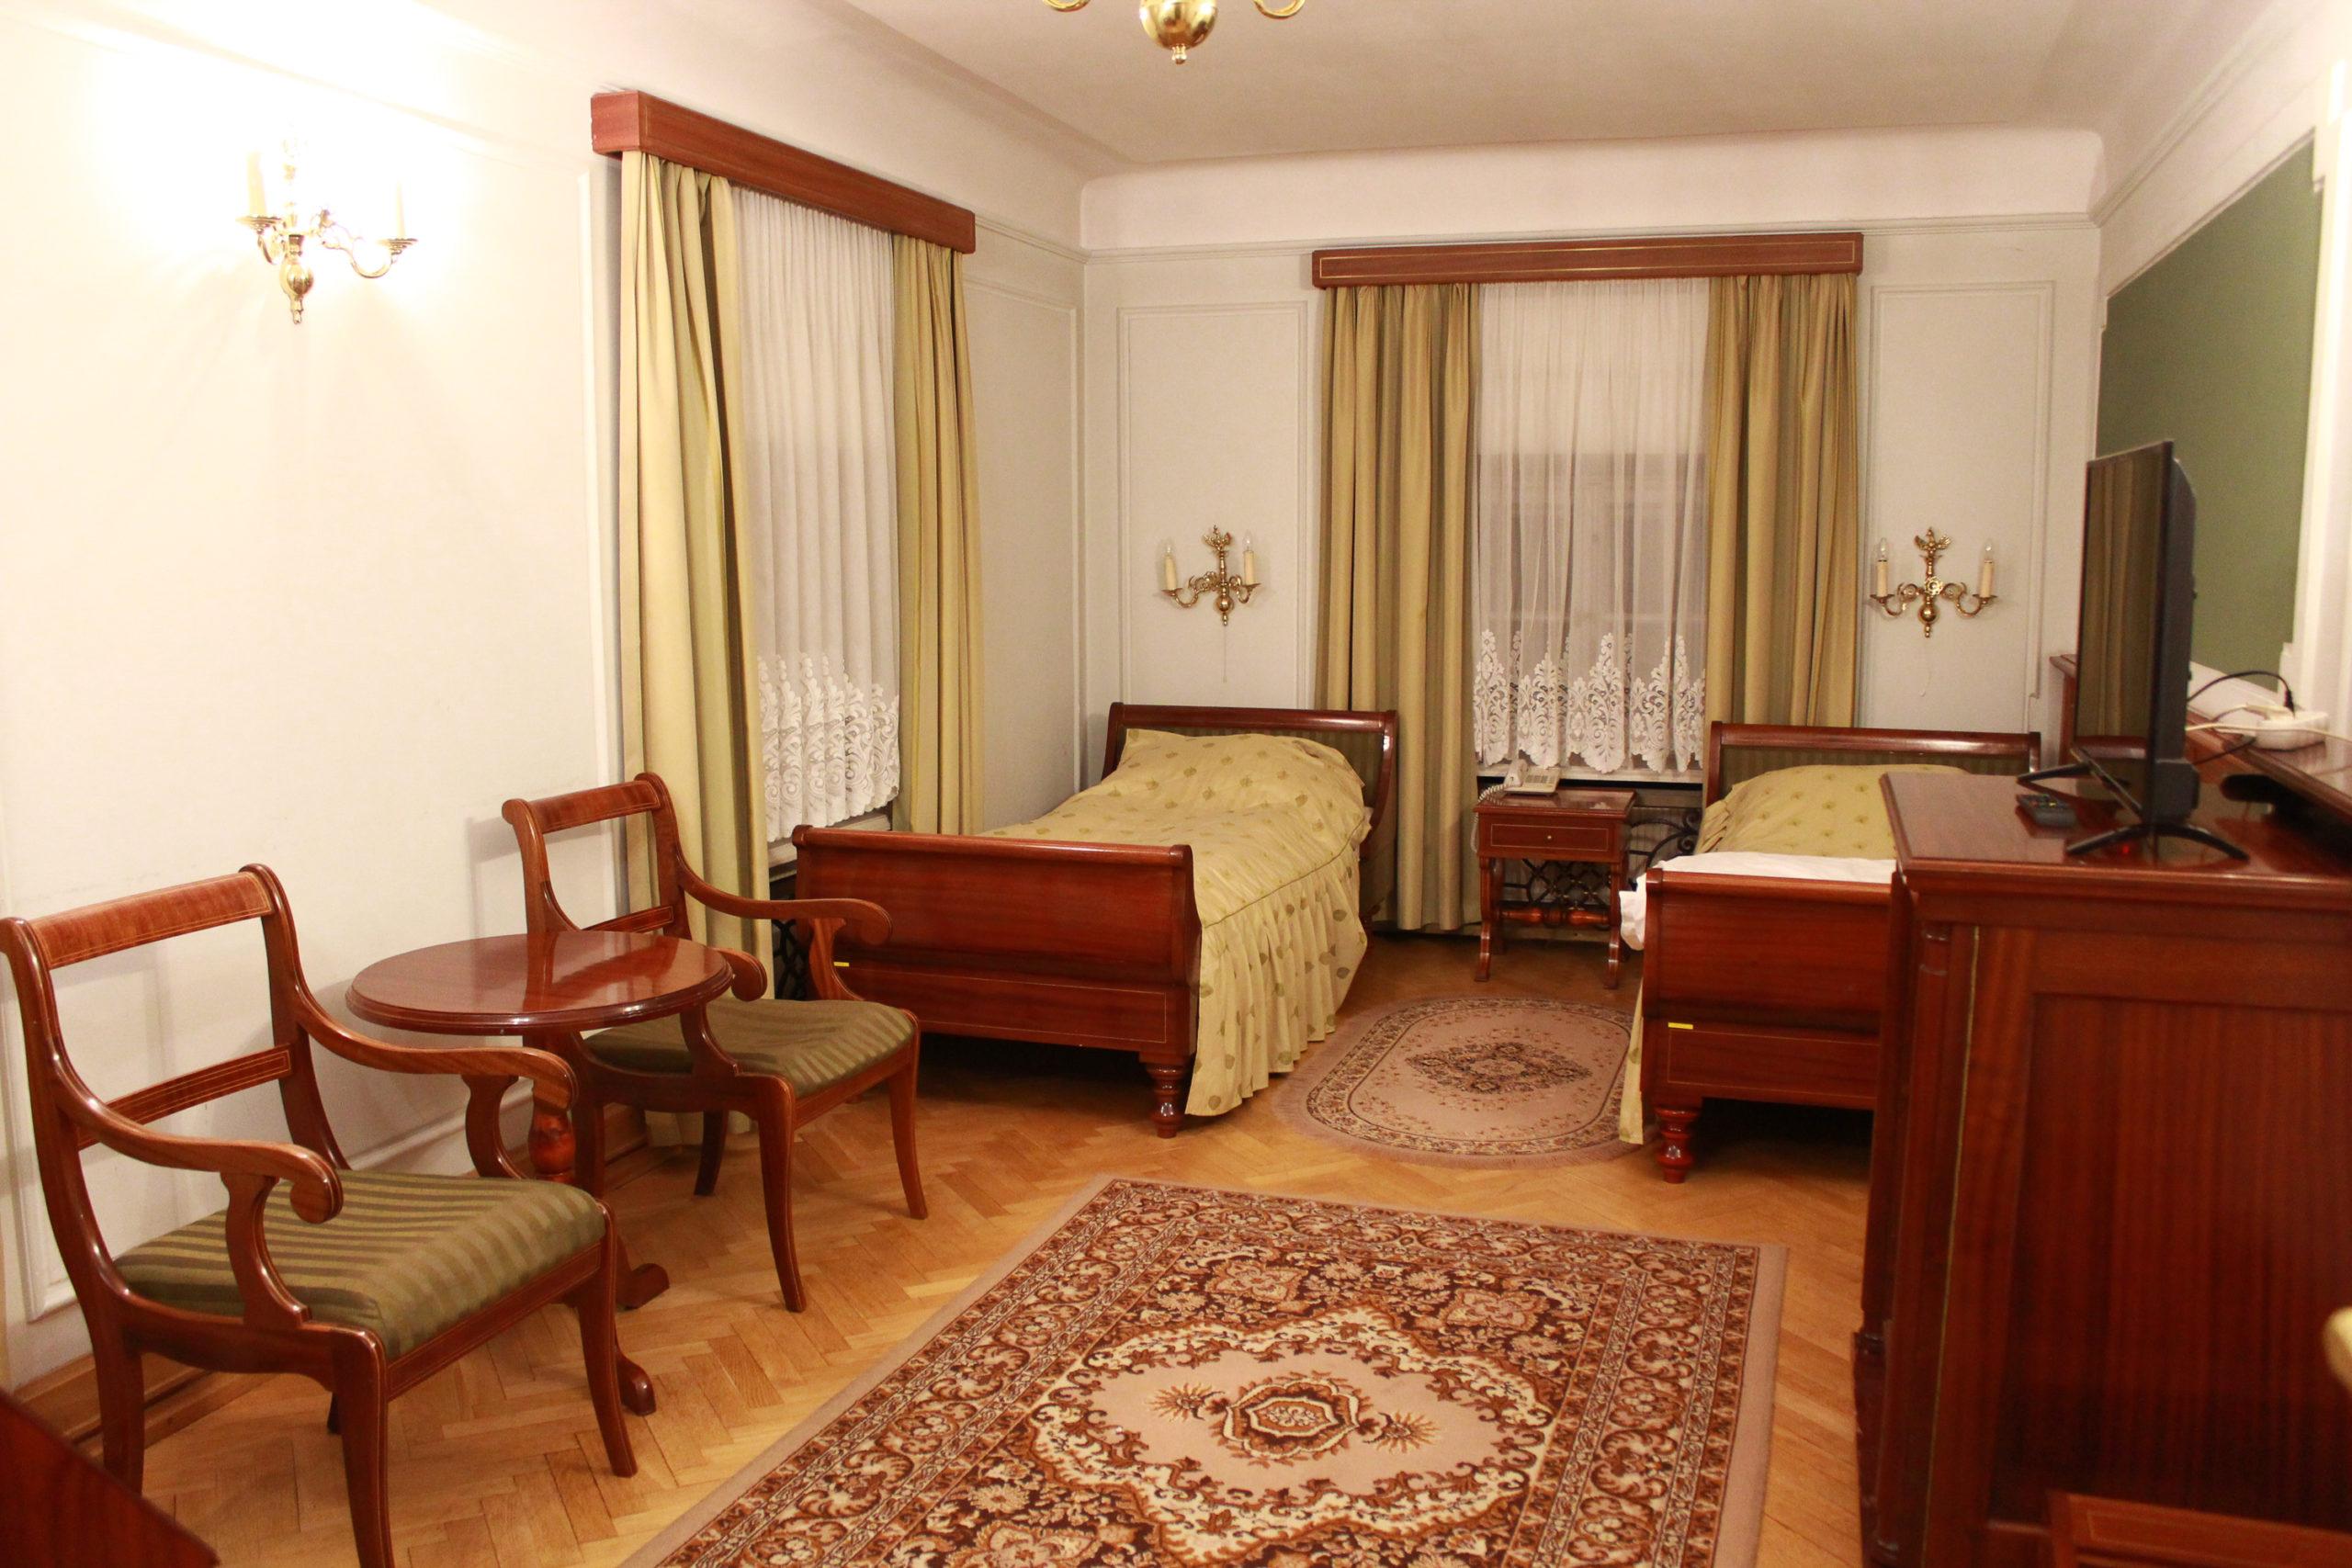 pokój hotelowy w Jabłonnie